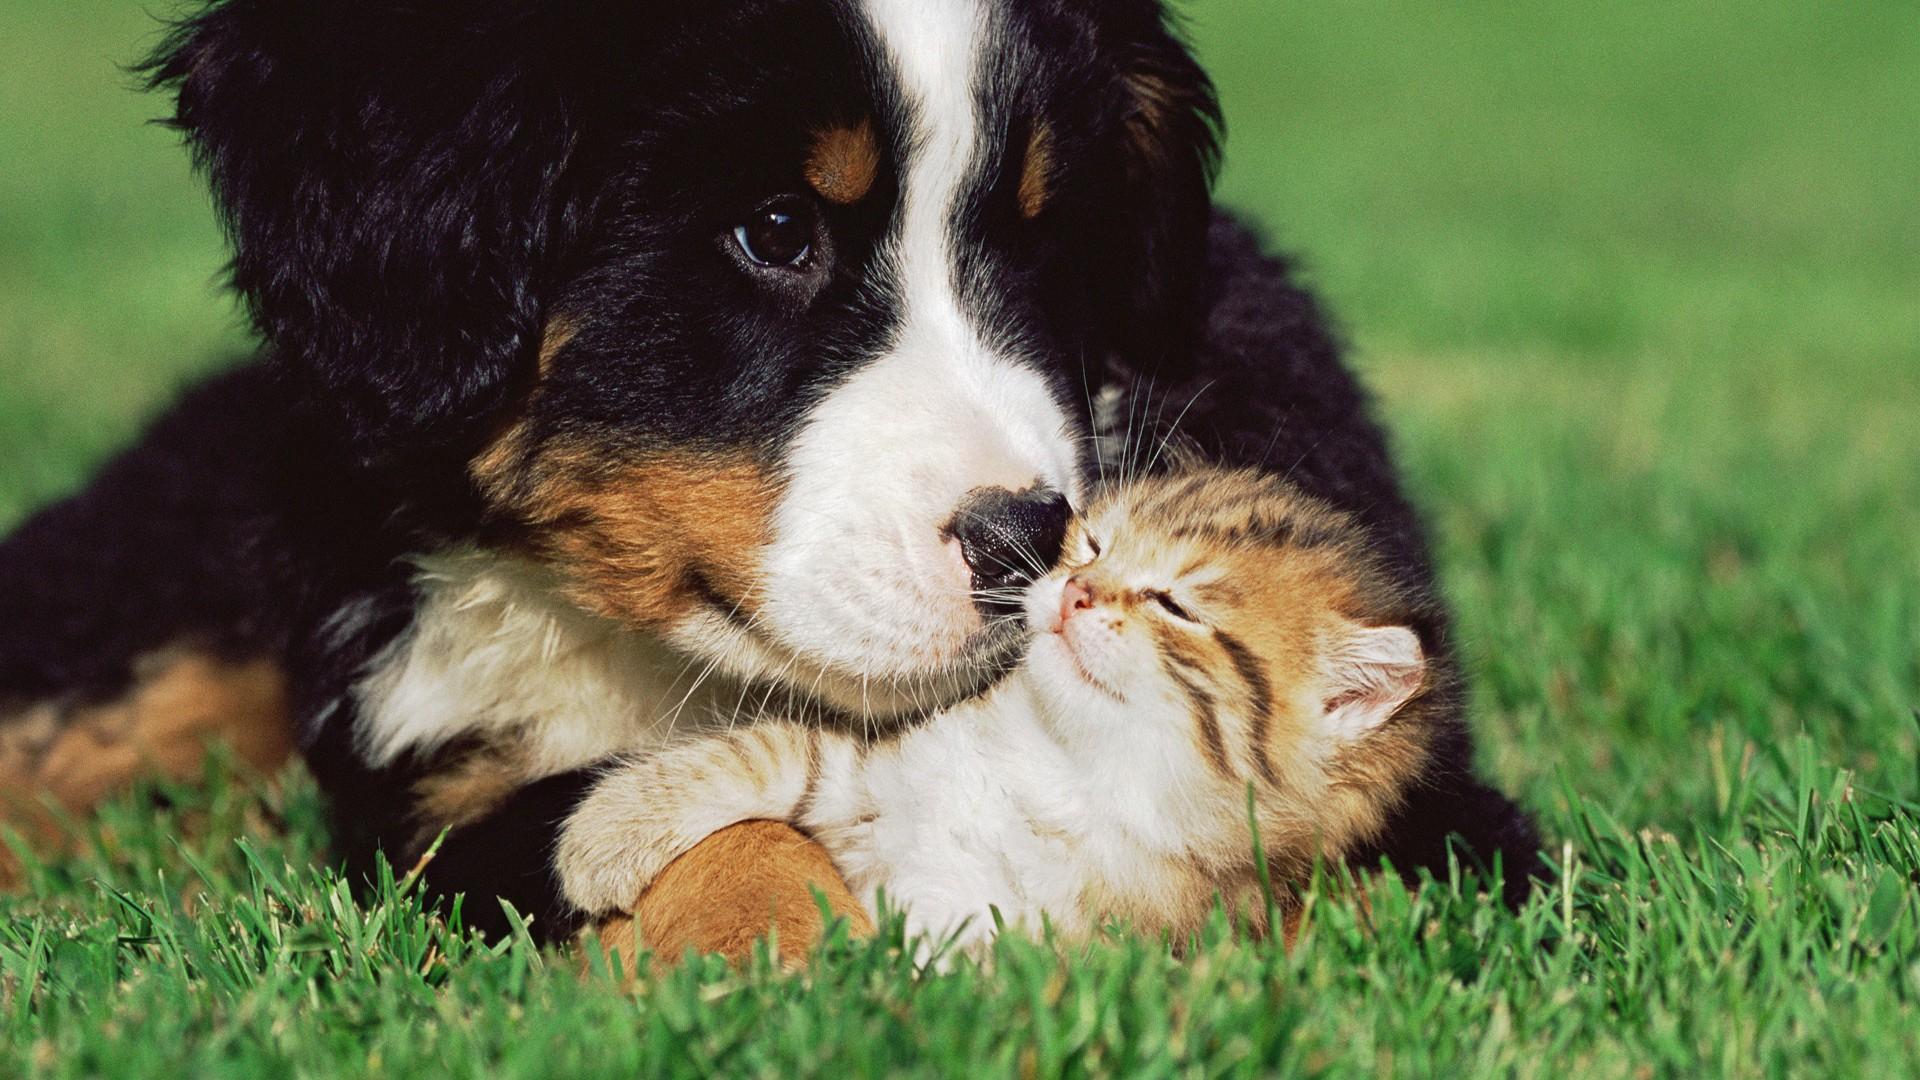 Cats Dogs Kittens Grass Animals puppy cute love wallpaper 1920x1080 1920x1080